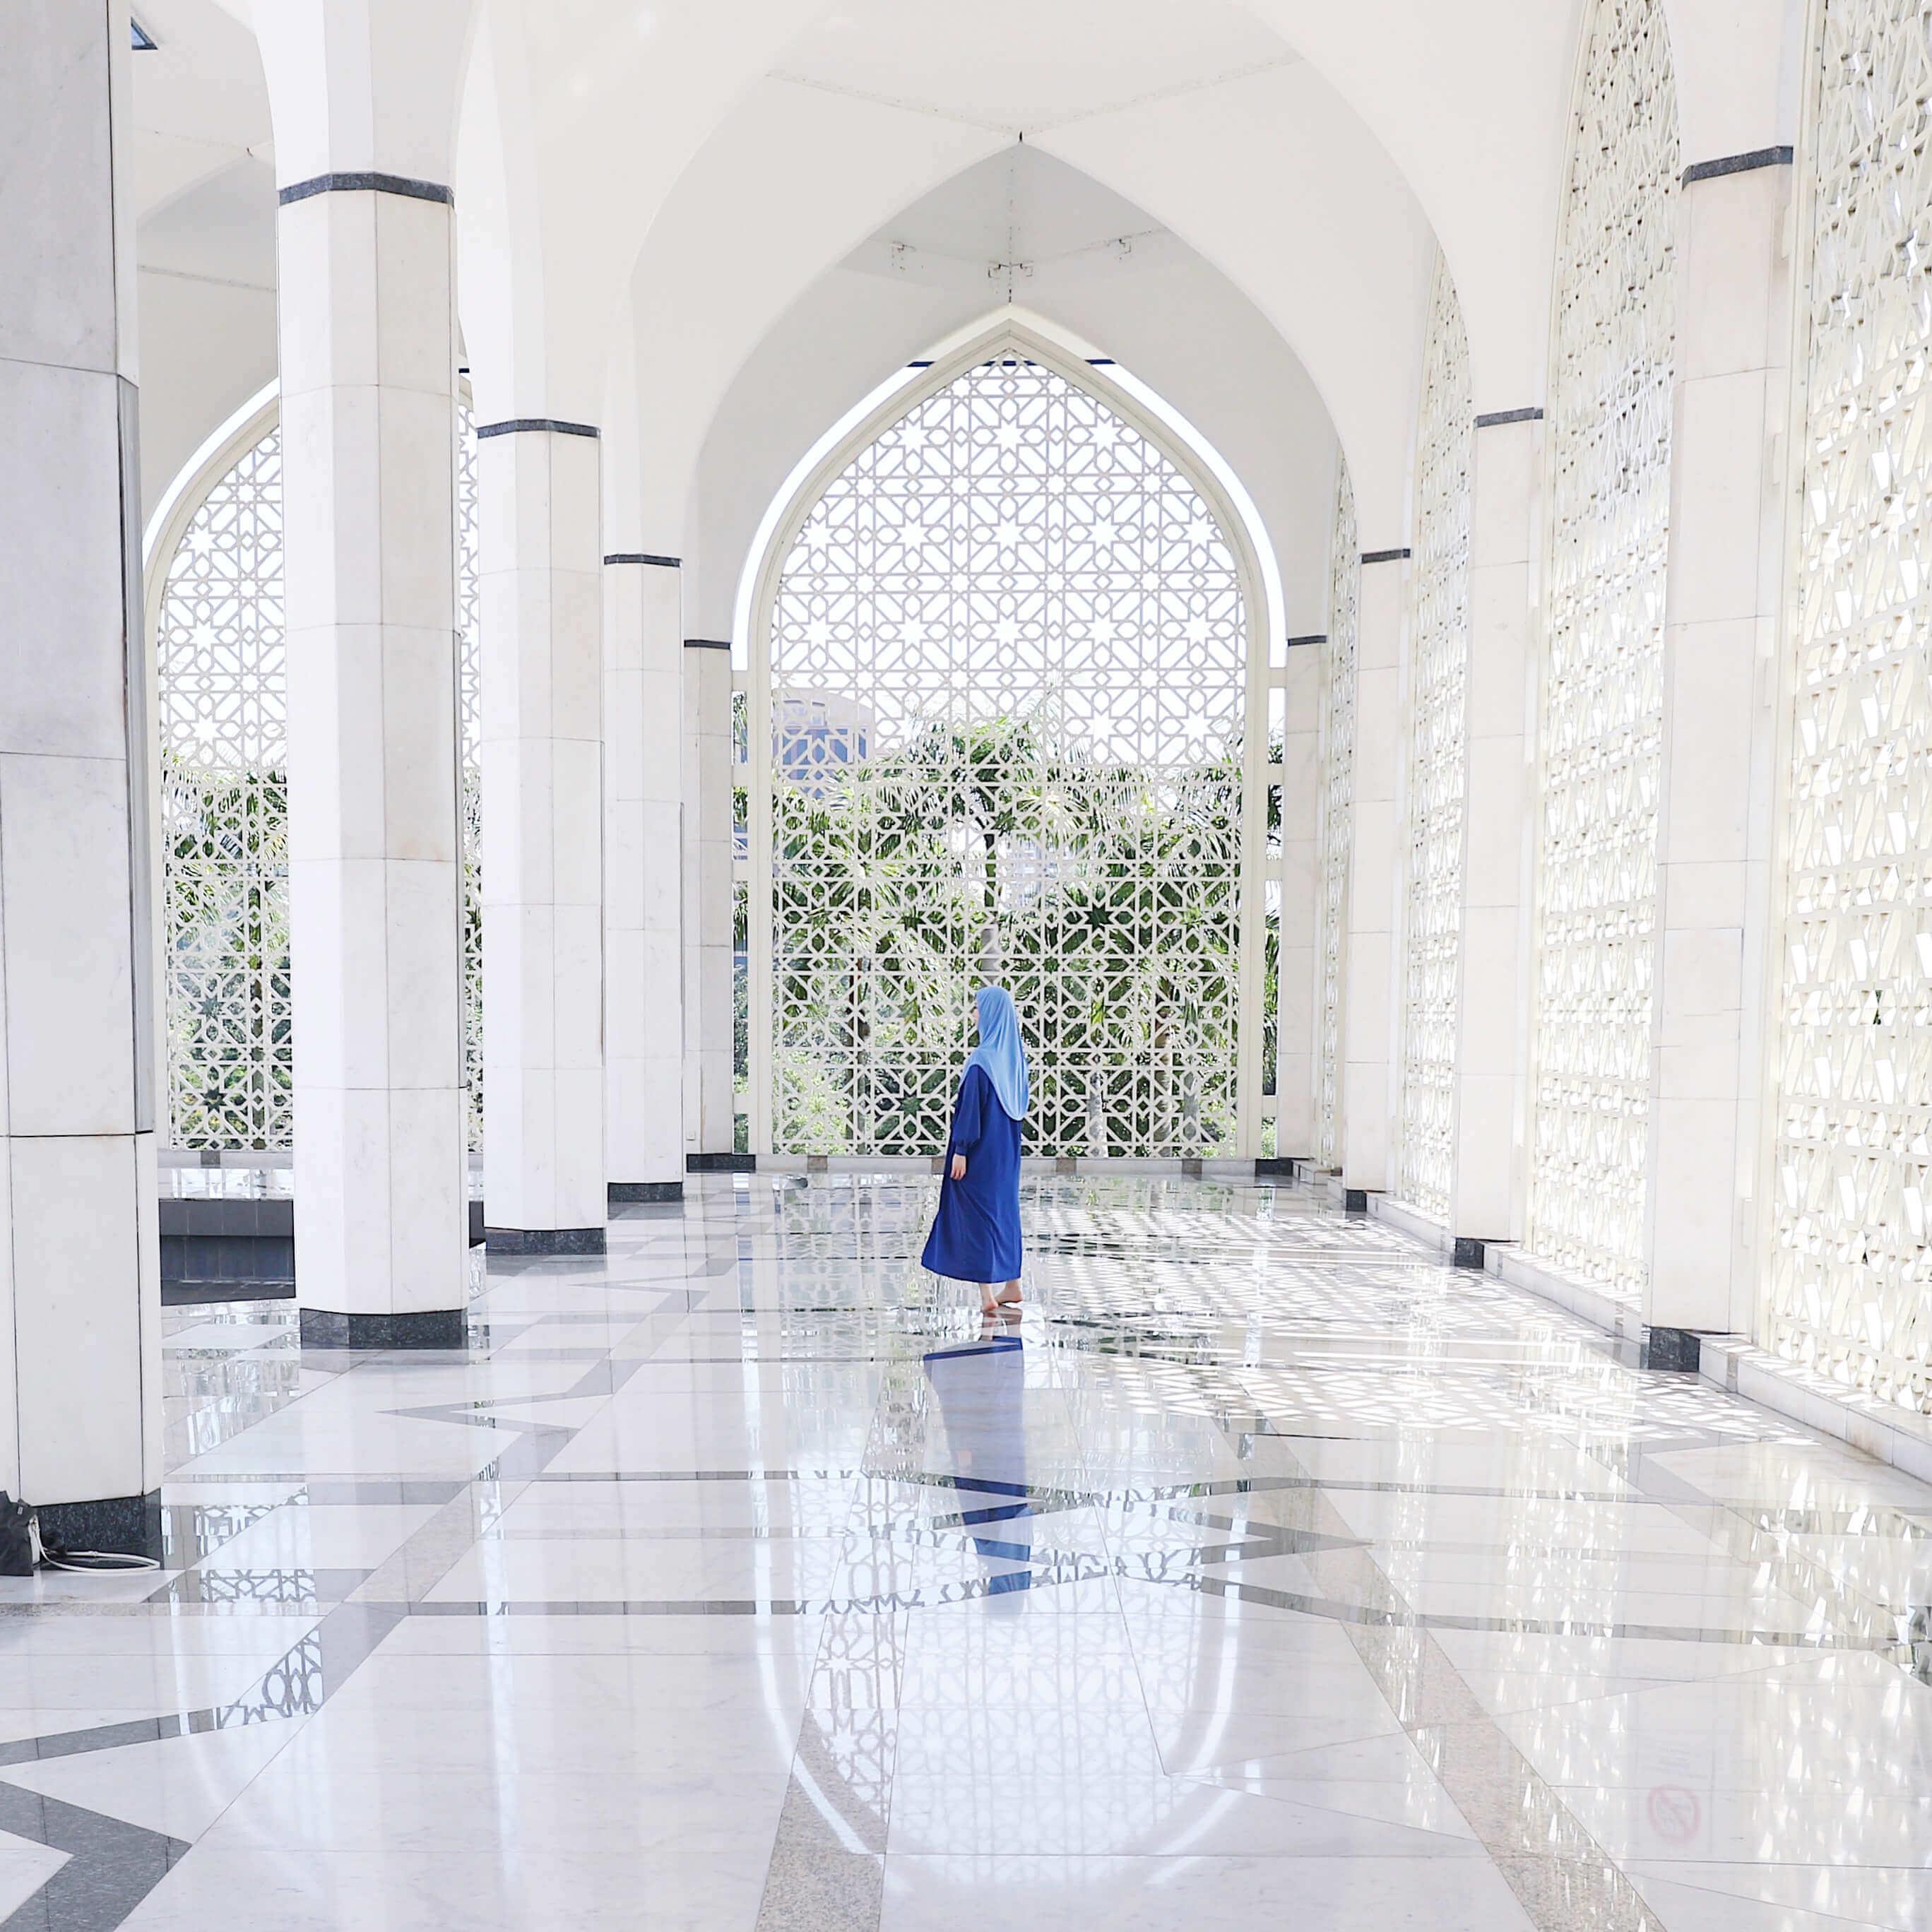 魅惑のアジアシティ、『クアラルンプール』で過ごすフォトジェニックな女子旅